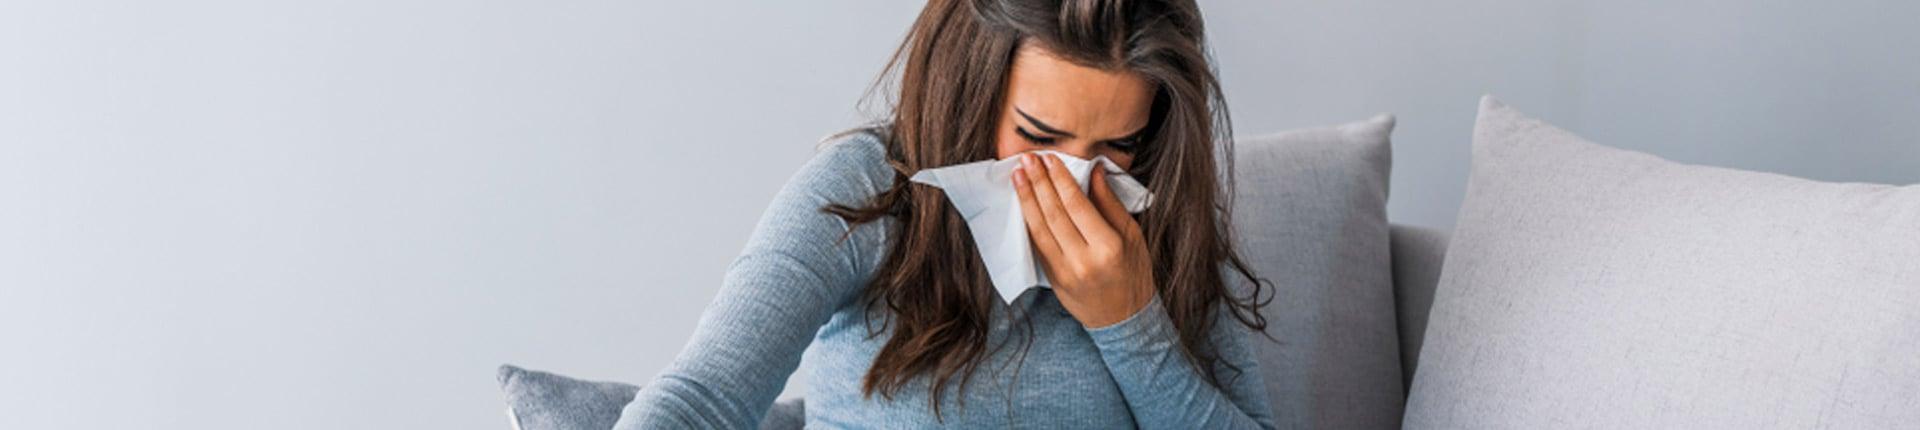 Co na poprawię odporności? Jak nie dać się grypie i przeziębieniu?